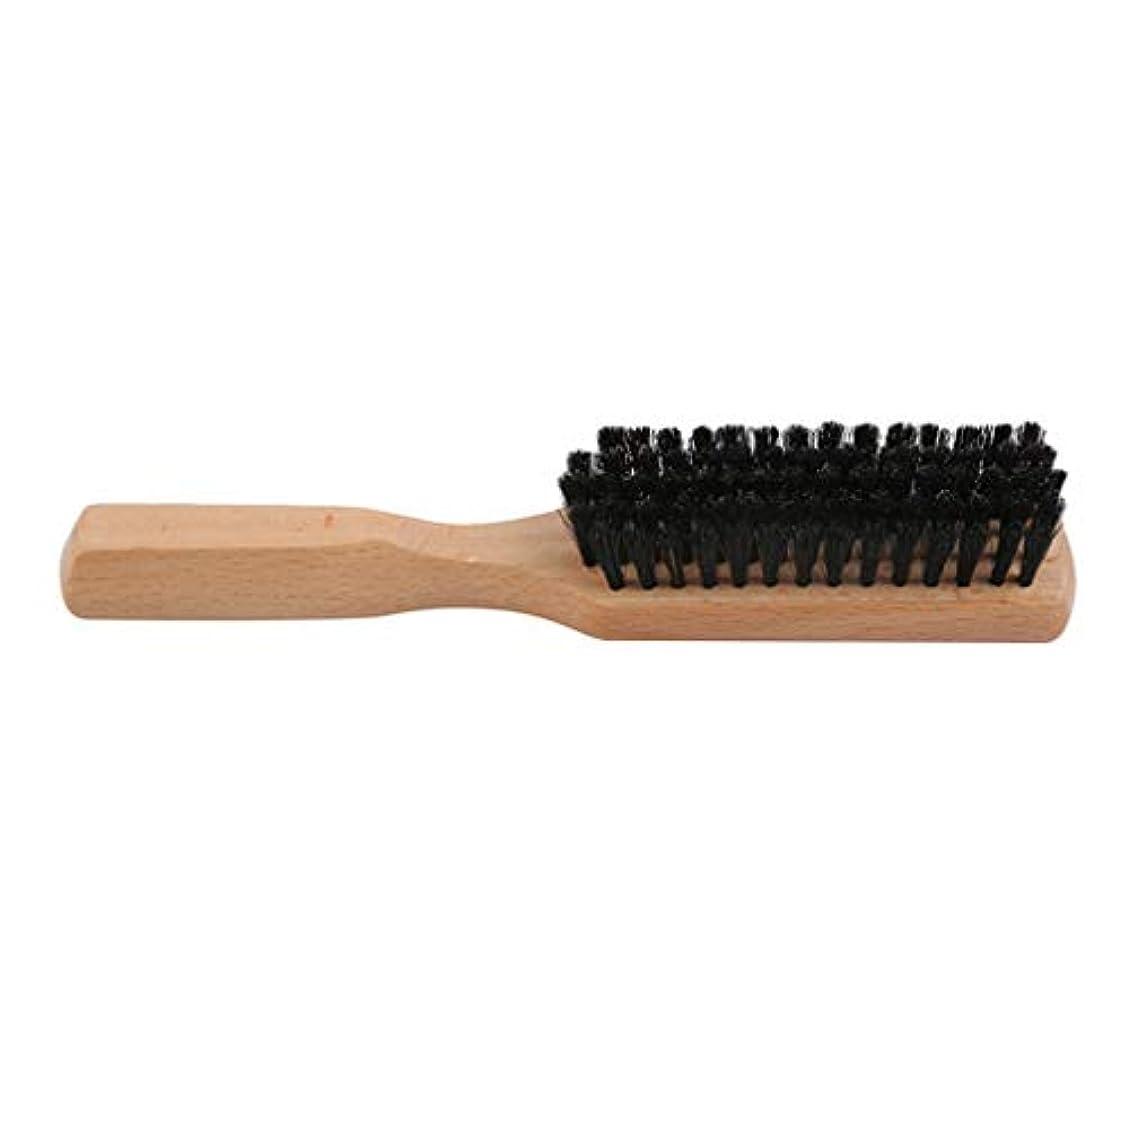 暴行バレエ多用途Cngstar シェービング用ブラシ シェービングブラシ メンズ 洗顔 理容 洗顔 髭剃り